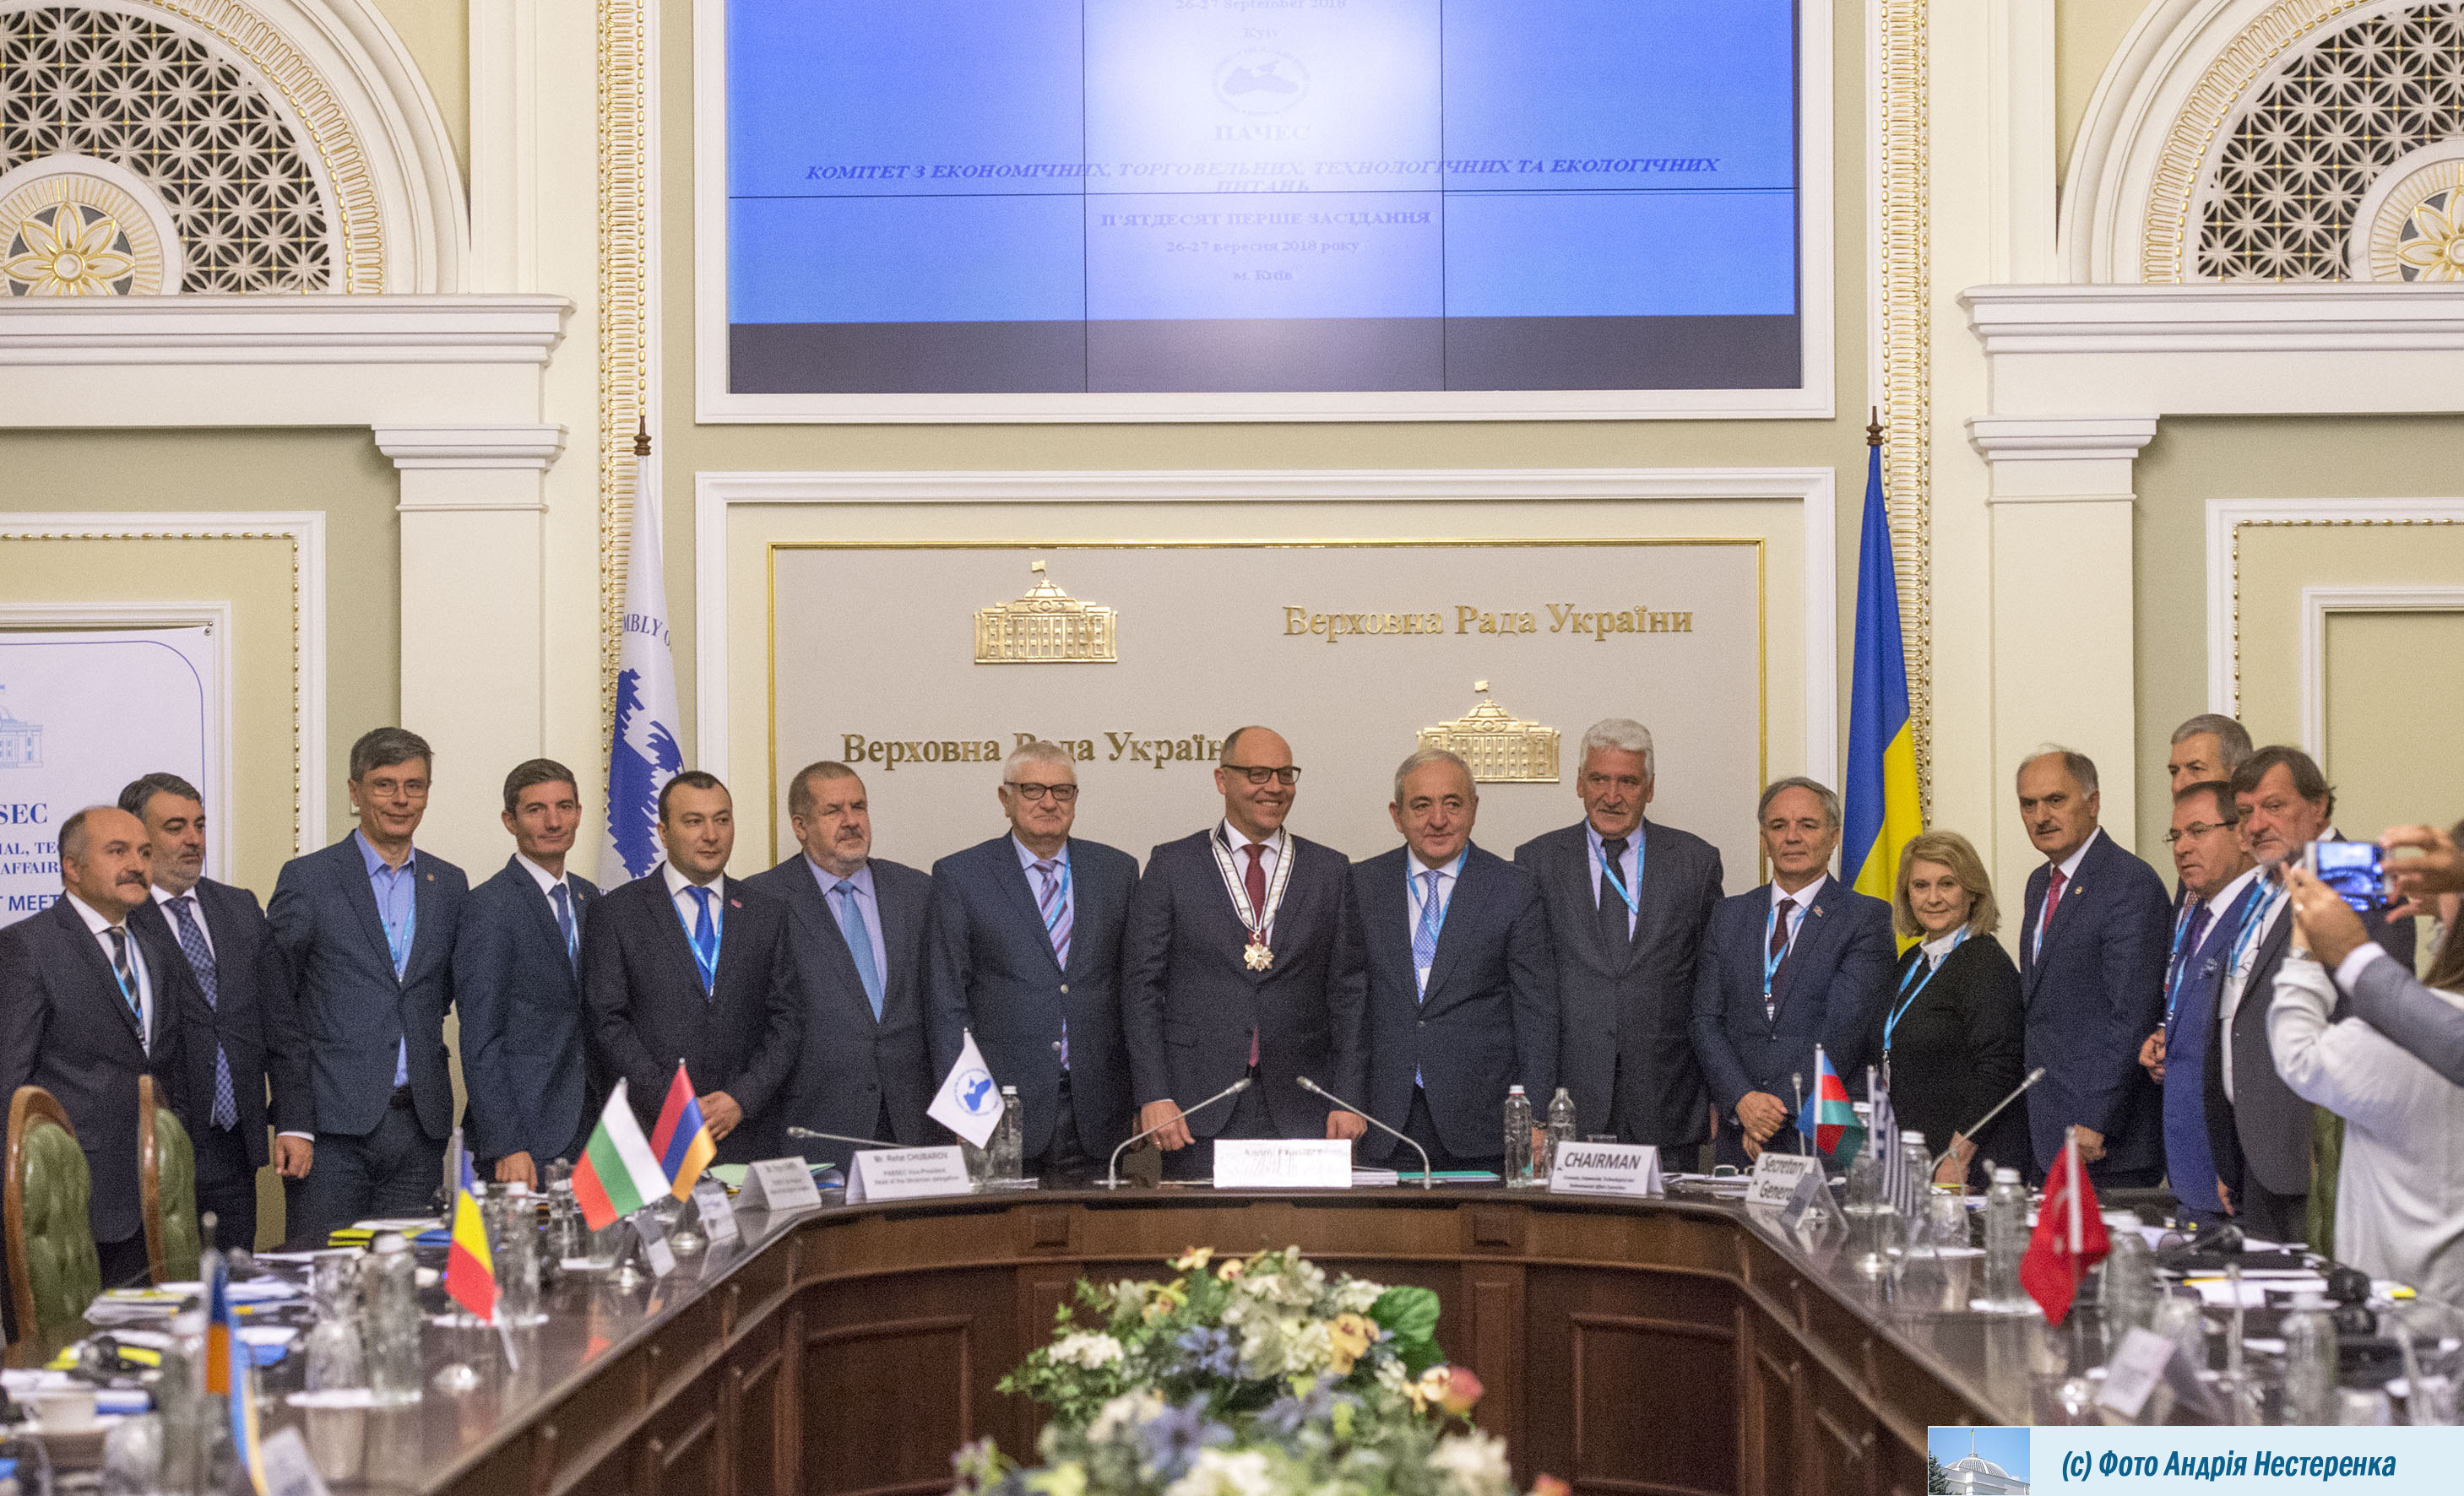 П'ятдесят перше засідання Комітету ПАЧЕС з економічних, торговельних, технологічних та екологічних питань, м.Київ, 26 вересня 2018 року